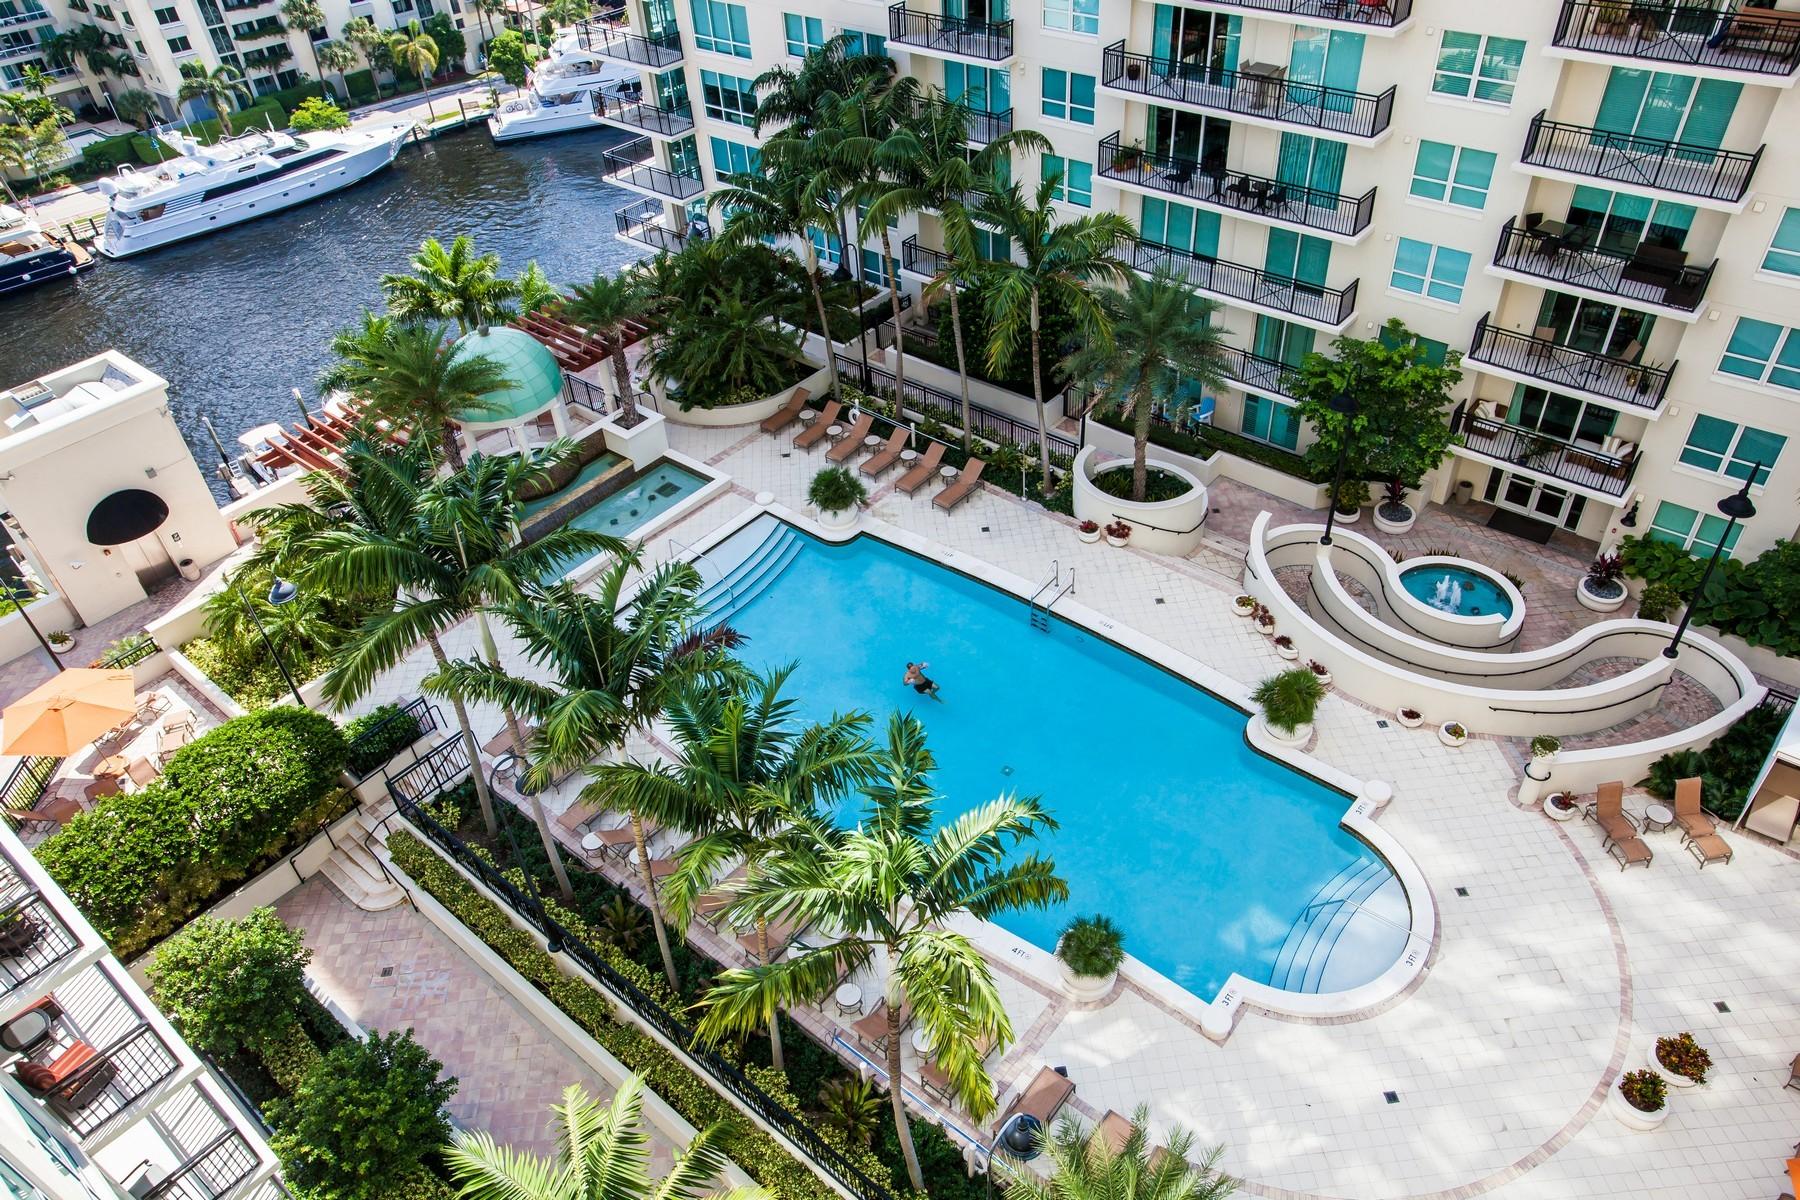 para Venda às 610 W Las Olas Bl #1519N 610 W Las Olas Bl 1519N Fort Lauderdale, Florida, 33312 Estados Unidos